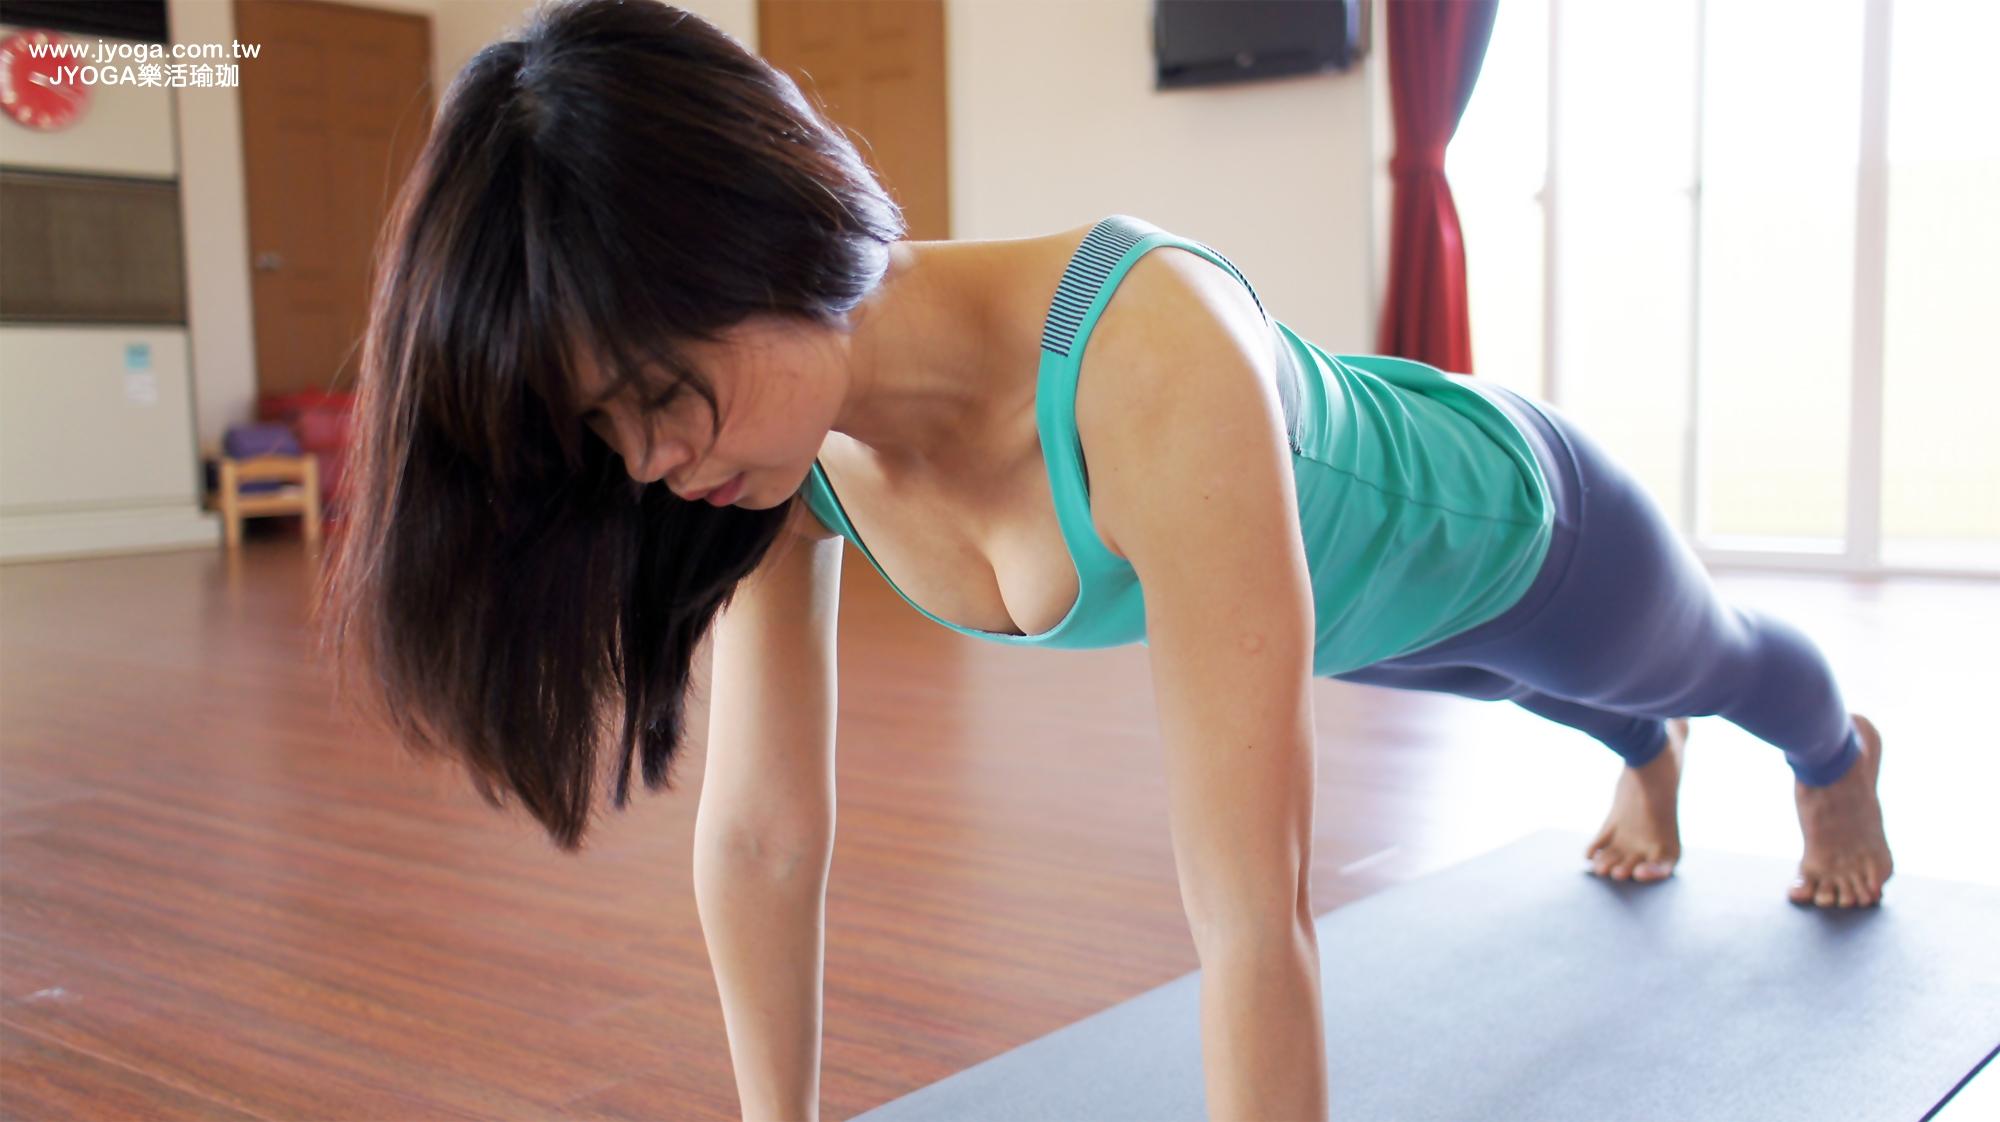 瑜伽棒怎么用图解